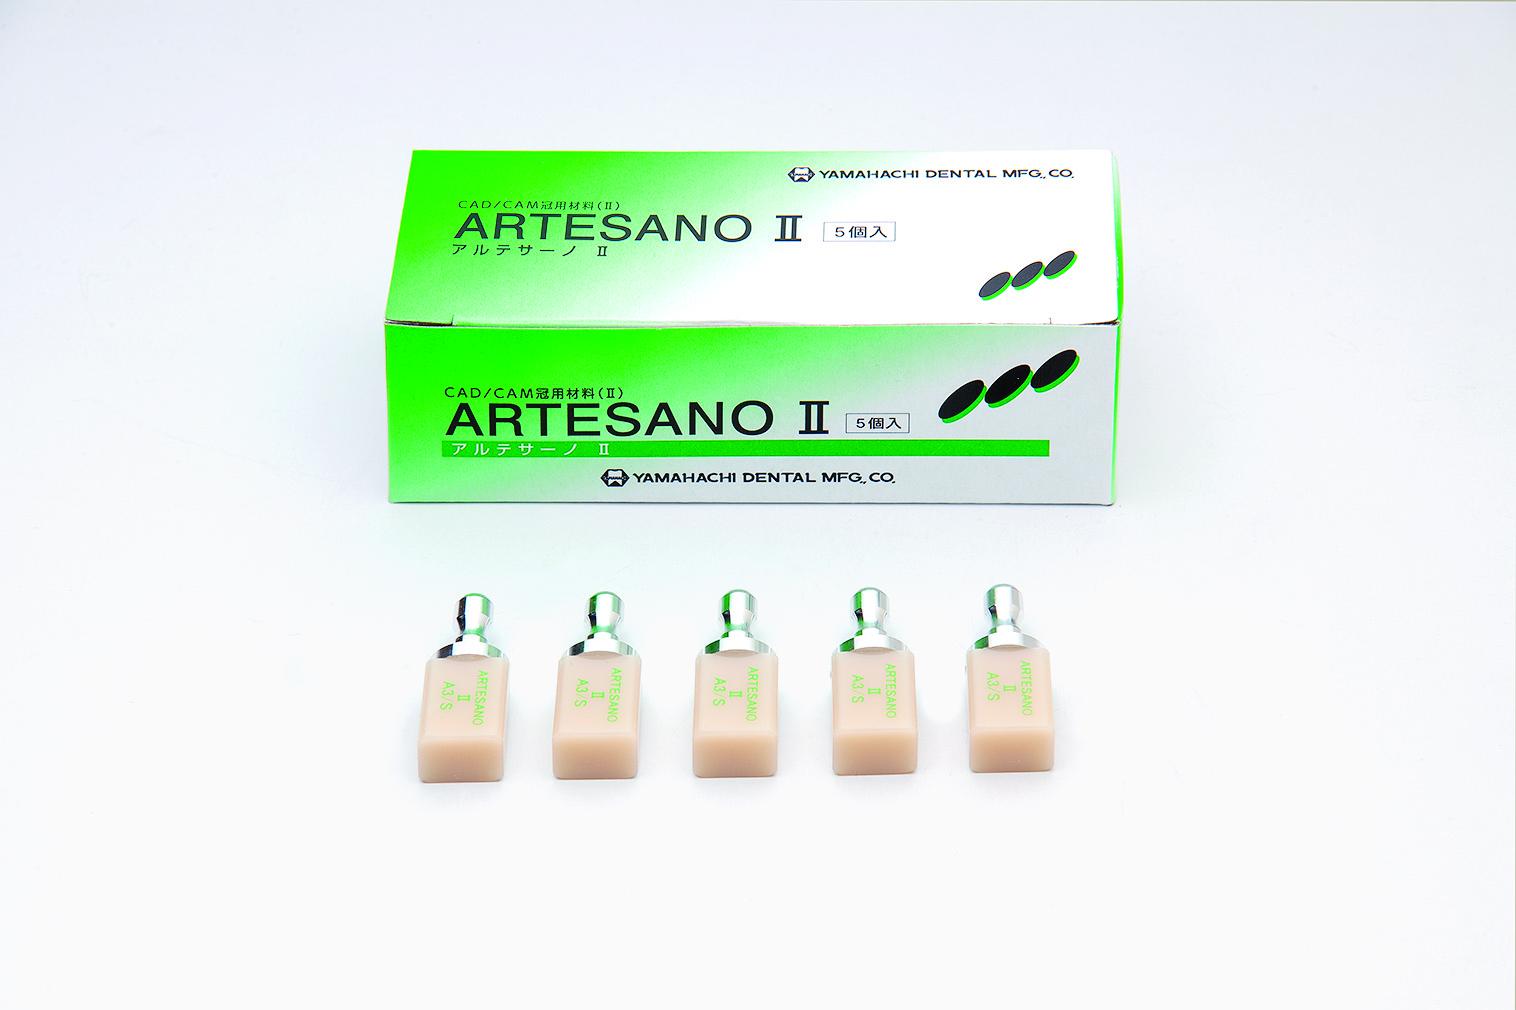 アルテサーノⅡの写真